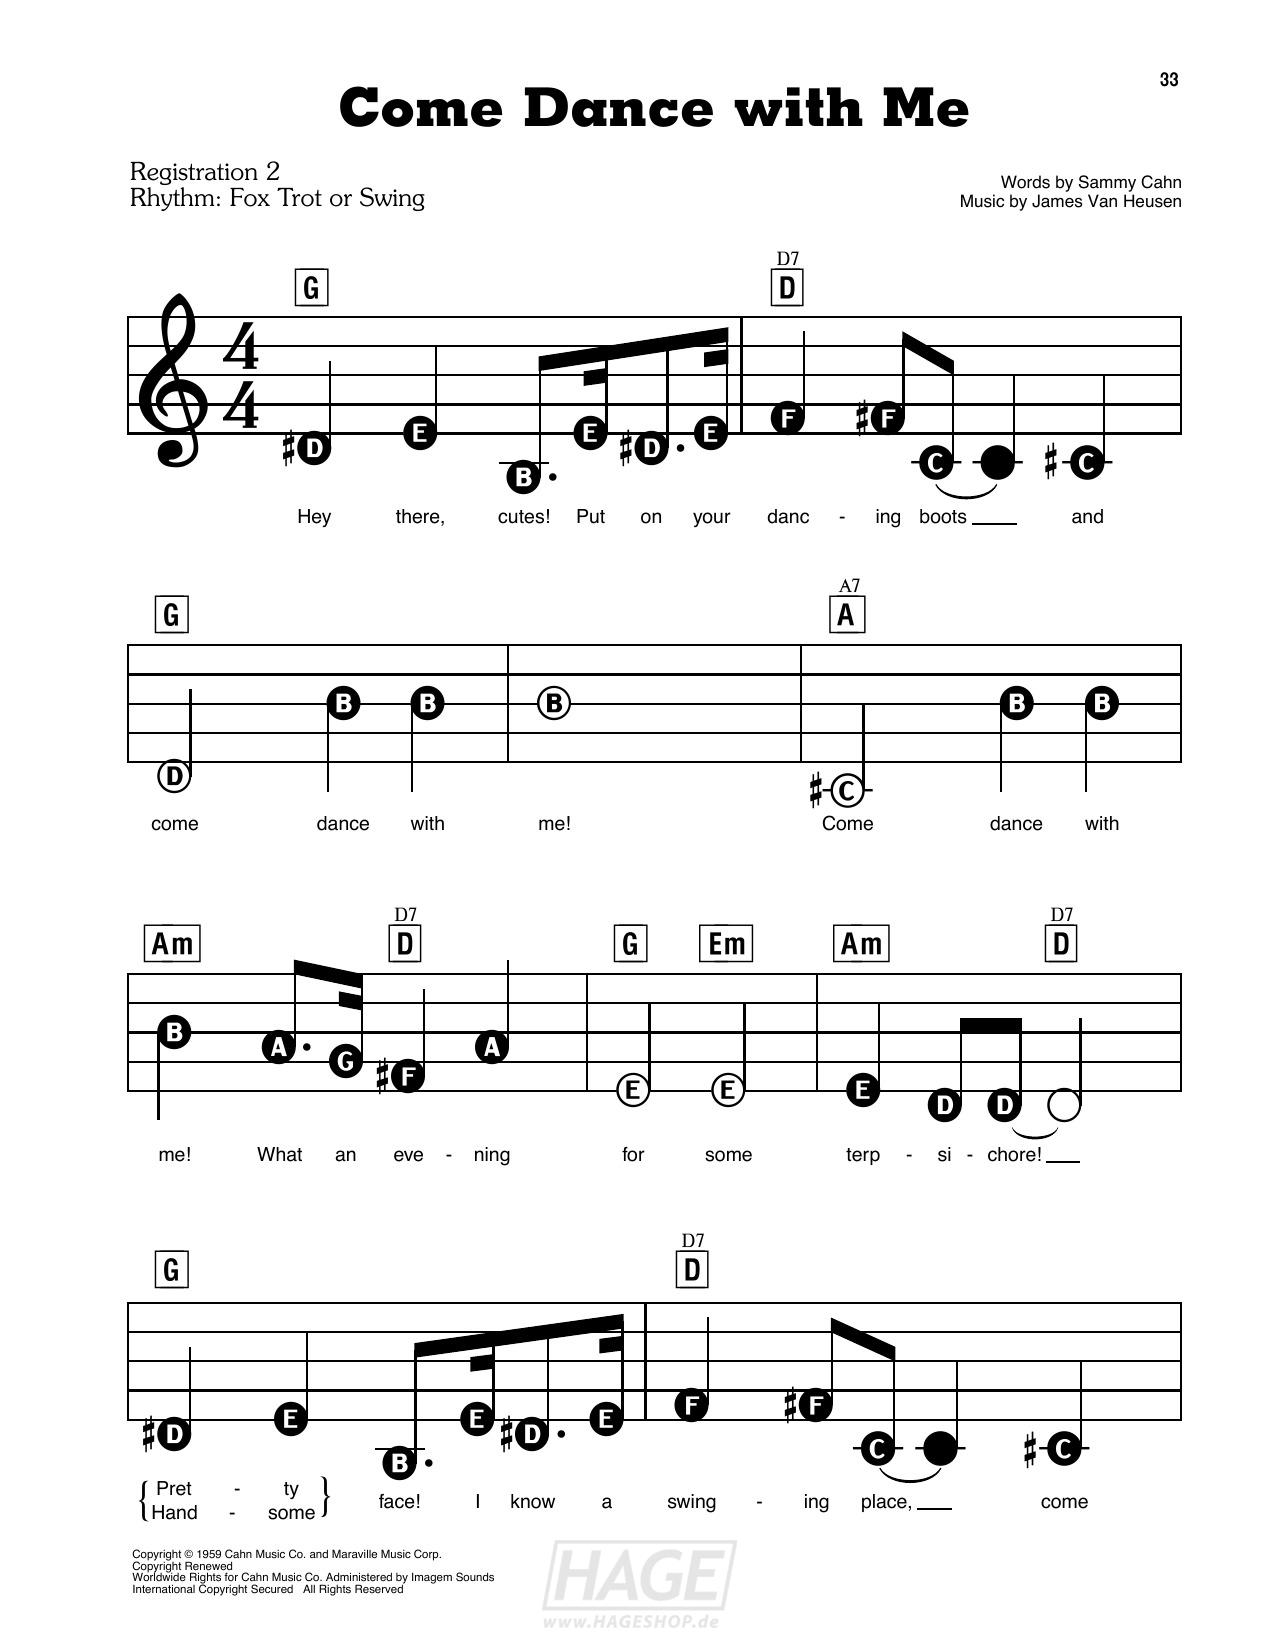 Come Dance With Me - Frank Sinatra - Noten Druckvorschau